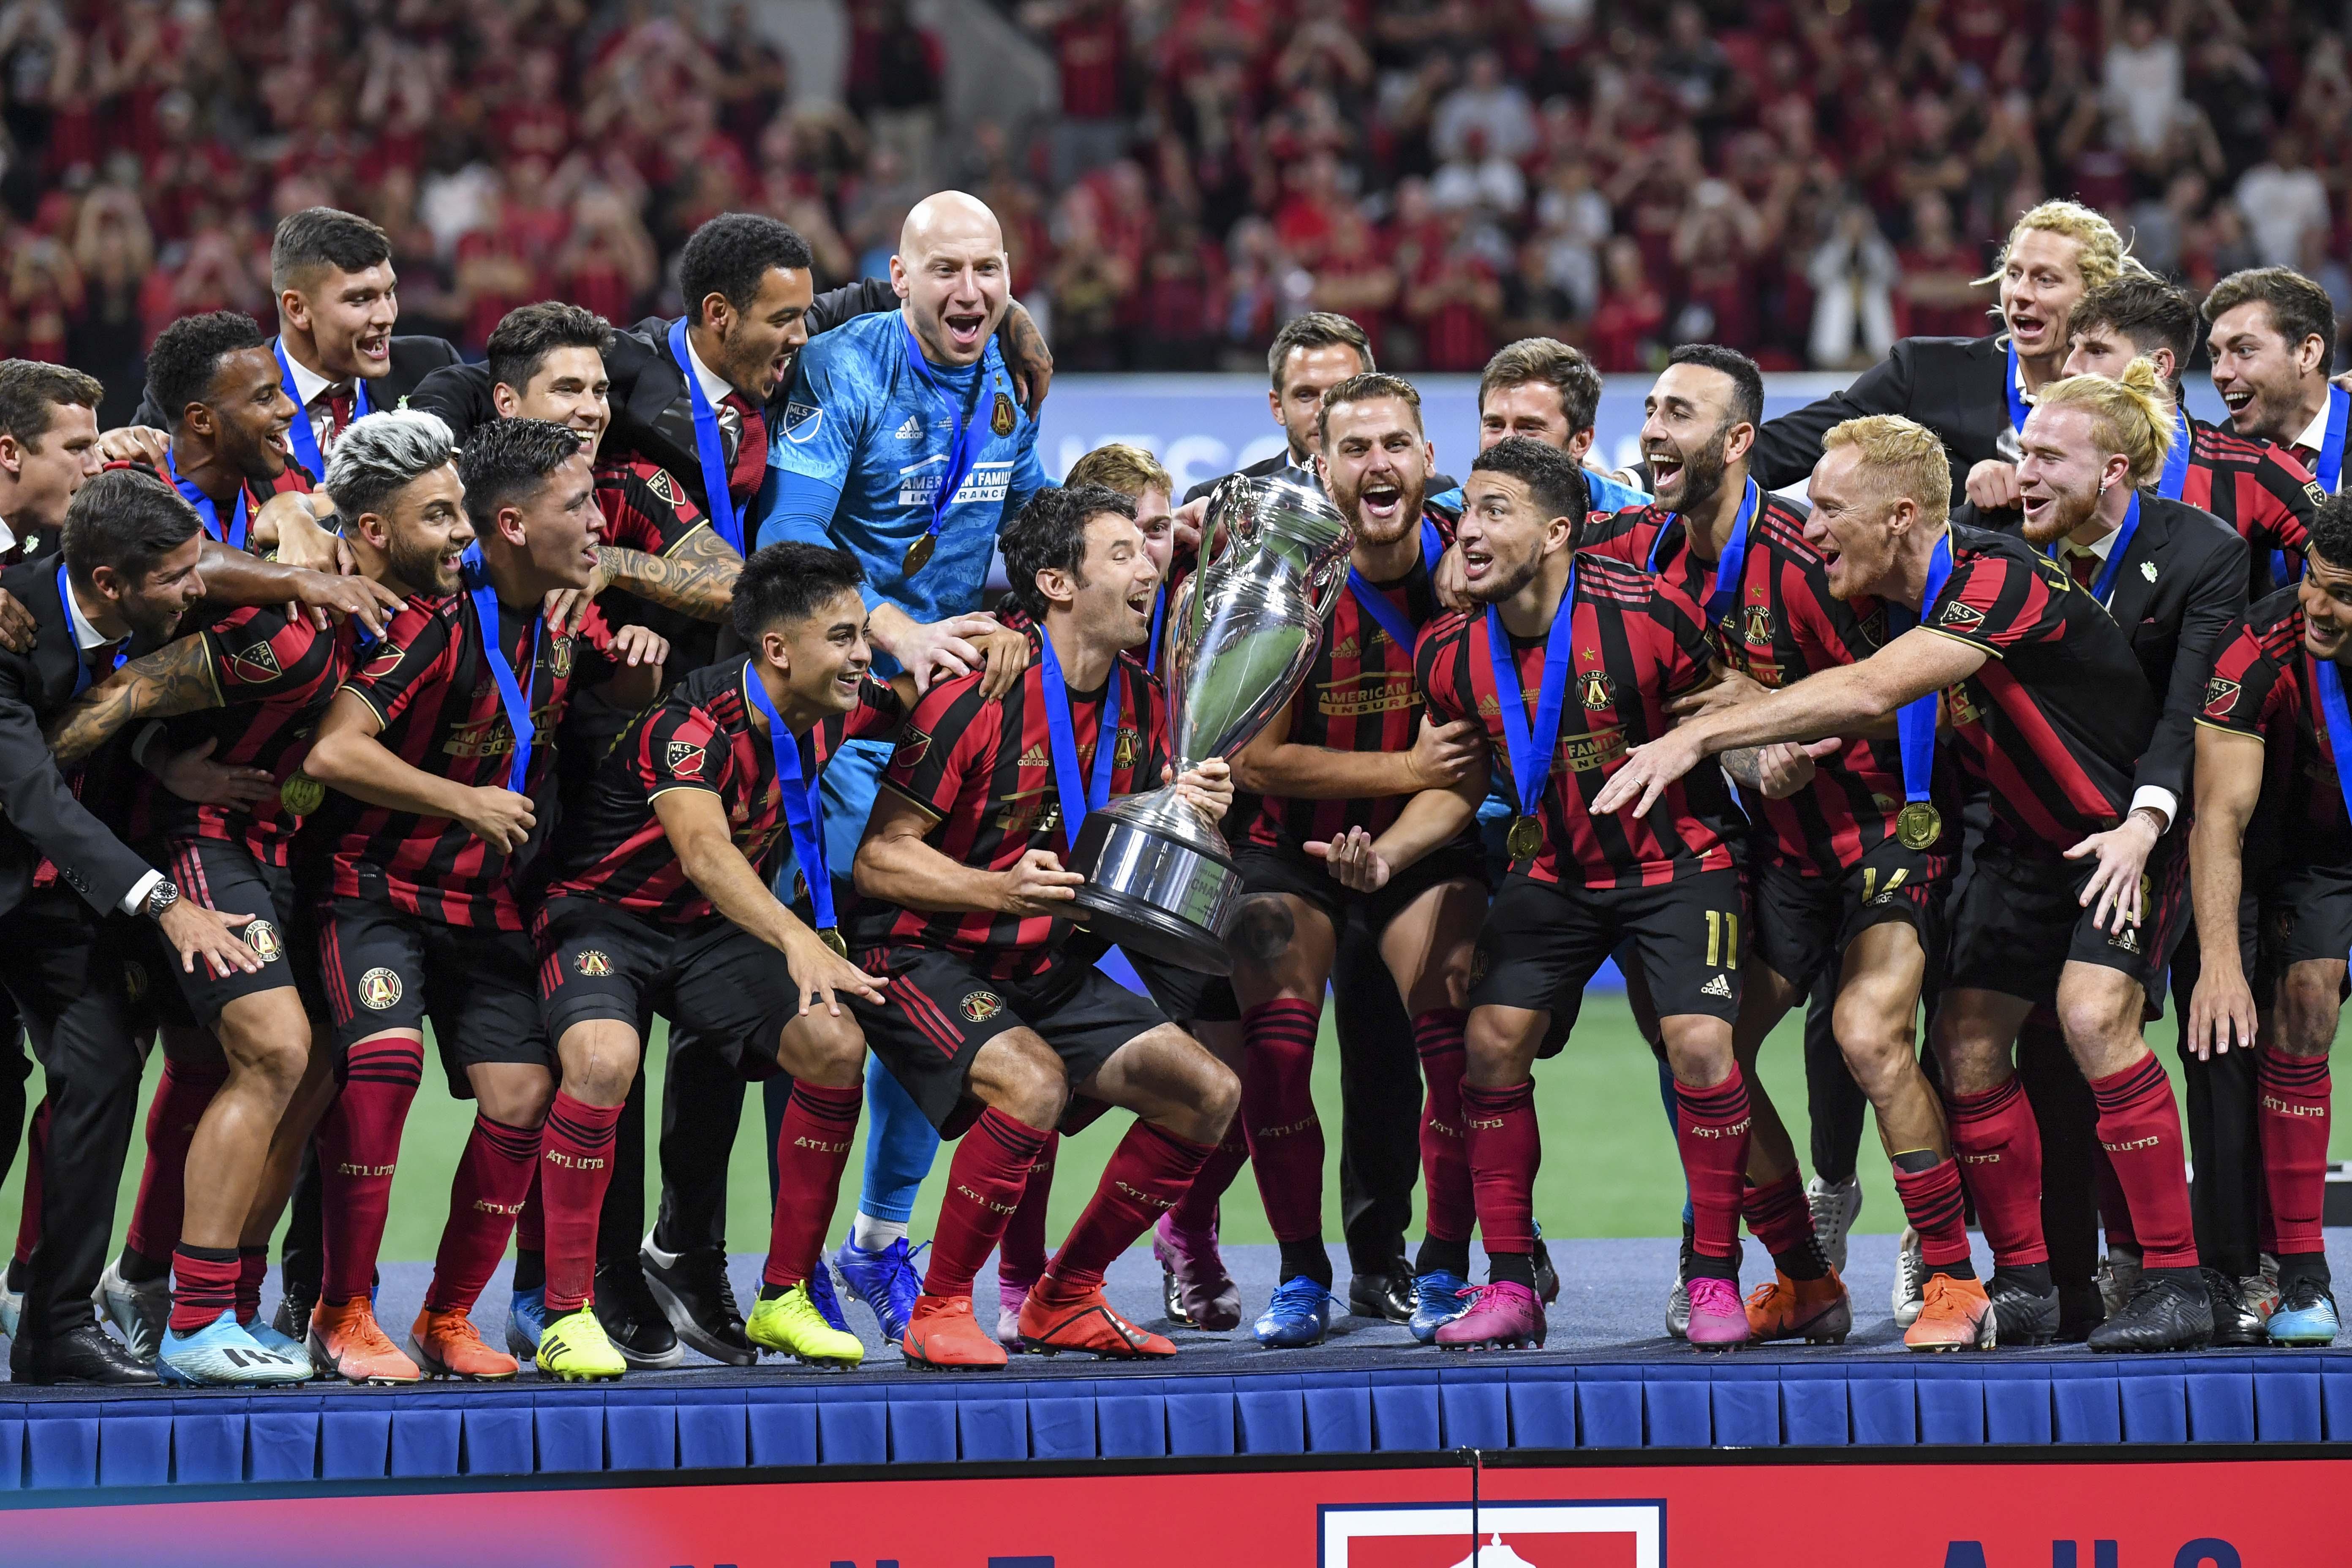 美国职业足球大联盟:美国公开赛-明尼苏达联队在亚特兰大联队举行